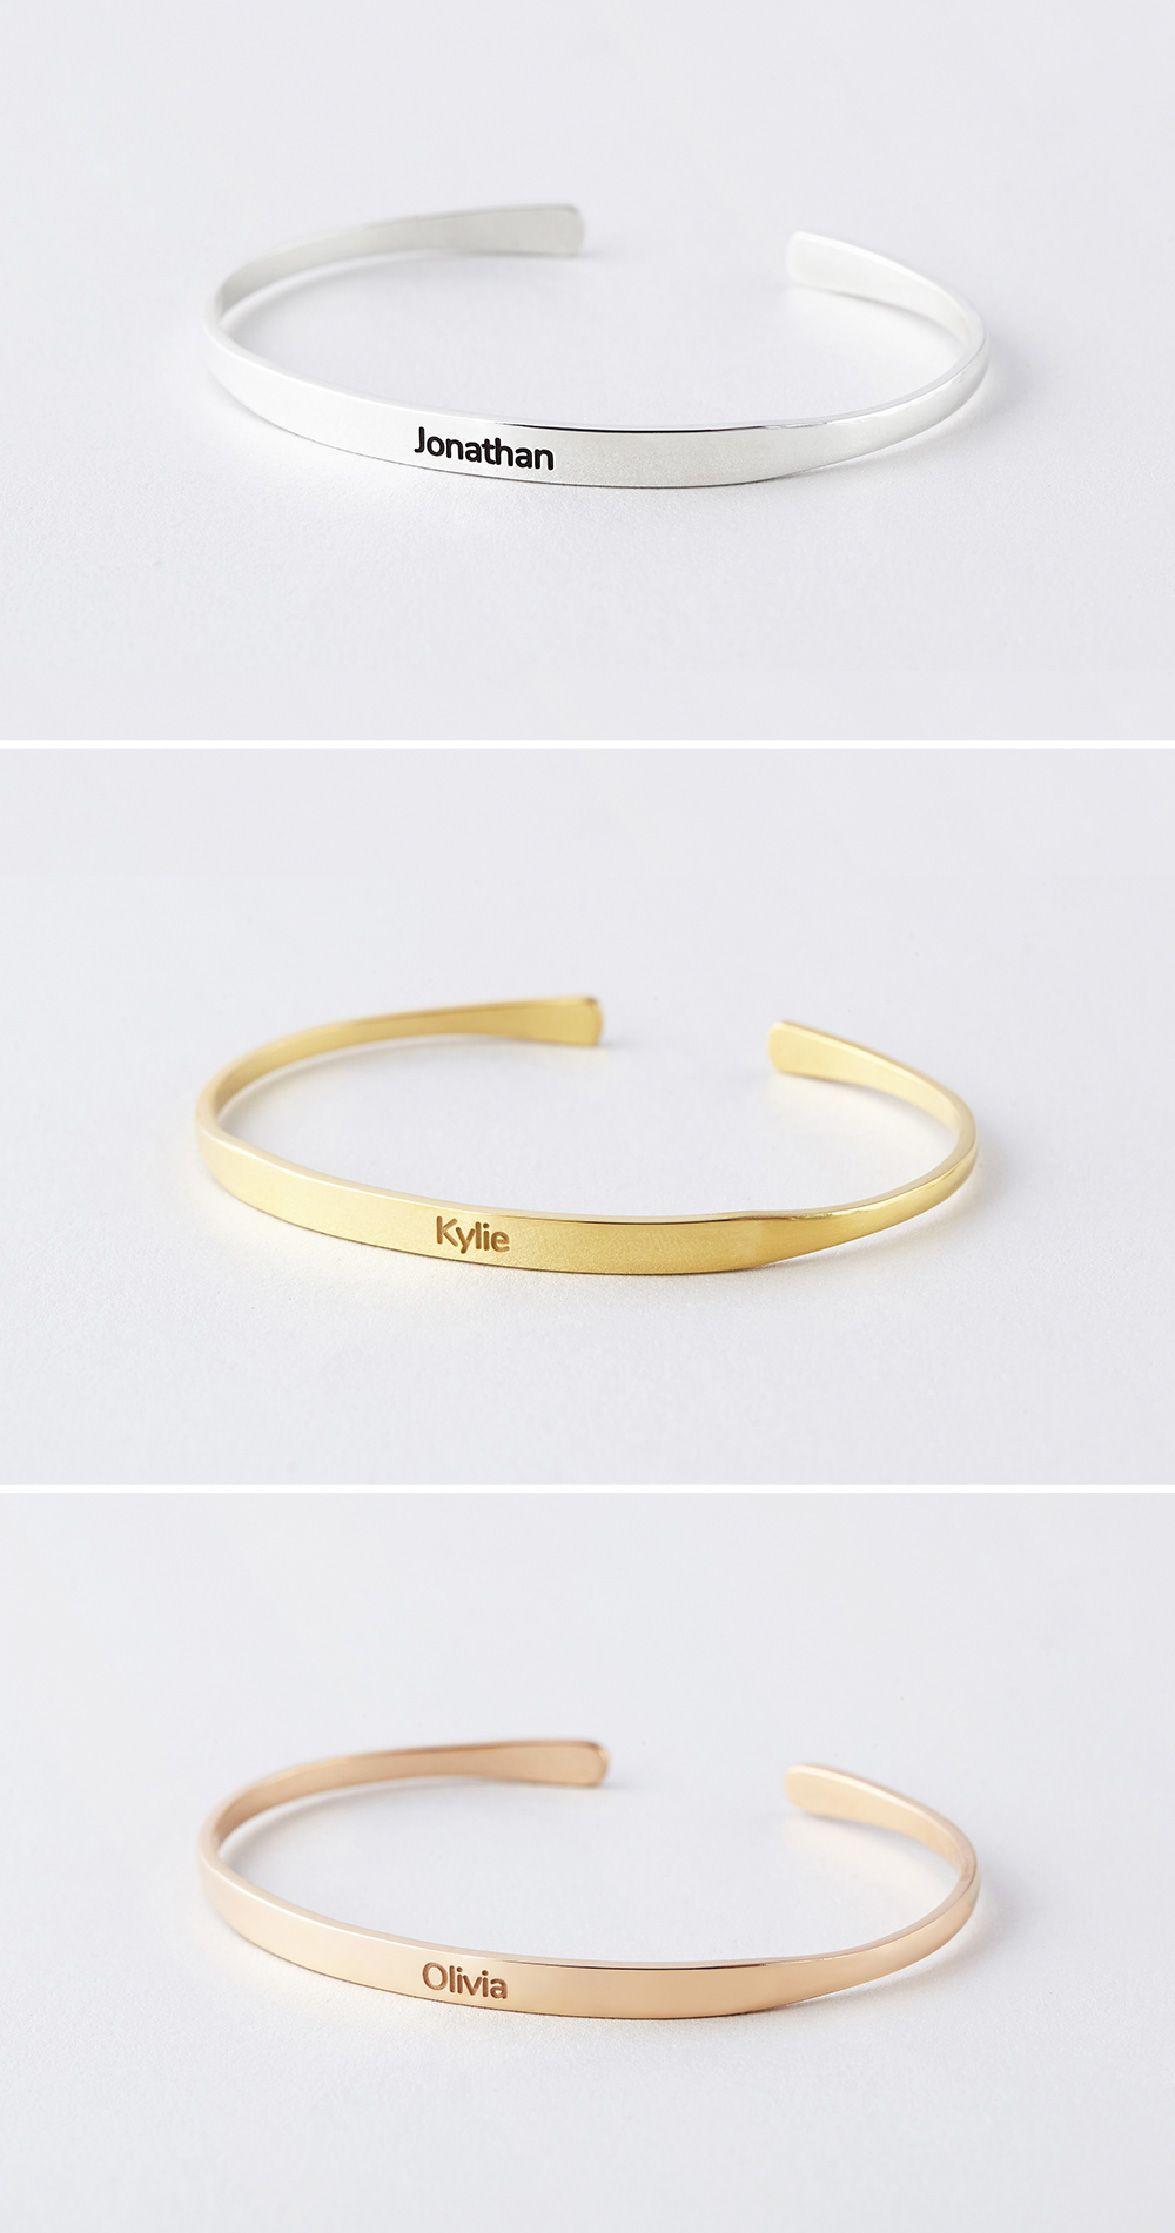 Name bracelet u bracelet with name u bracelets with names u custom